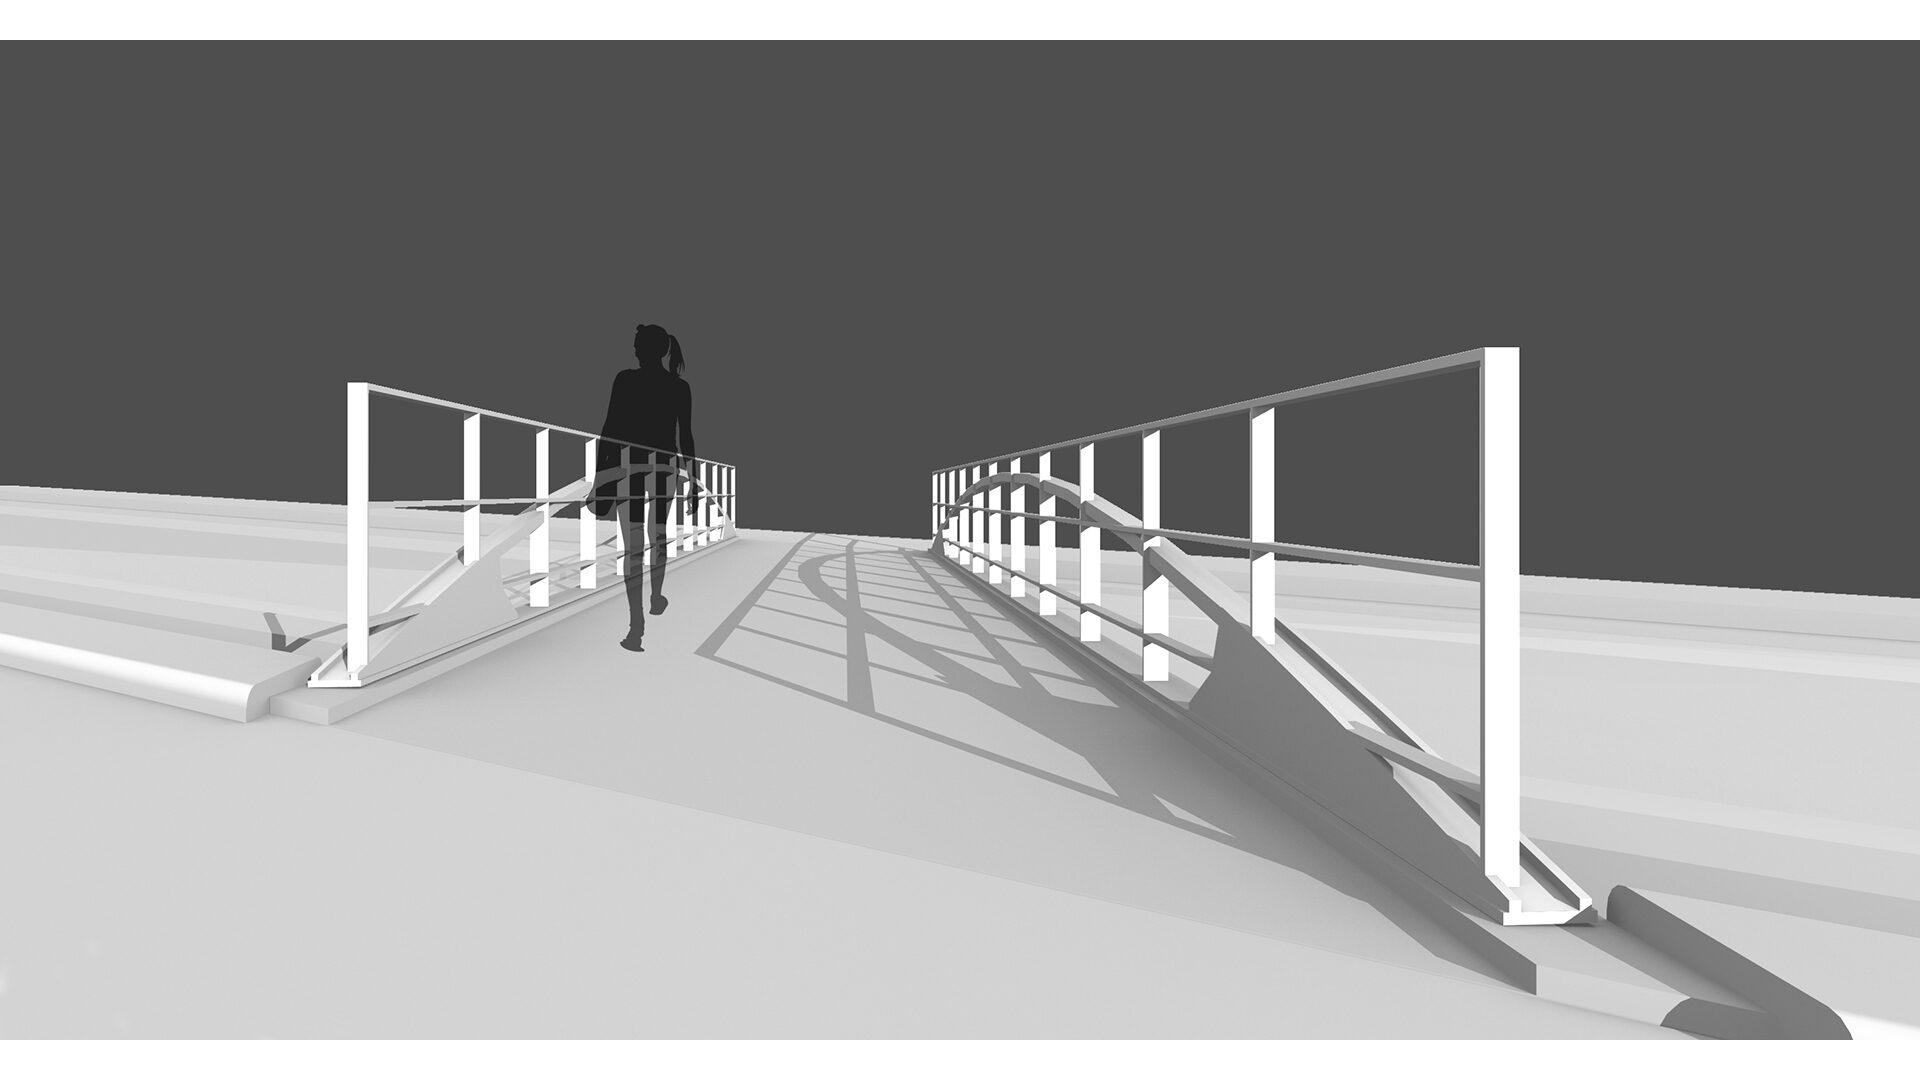 sauerzapfe-architekten-bruecke-kleiner-kiel-kanal-holstenfleet-kiel-08